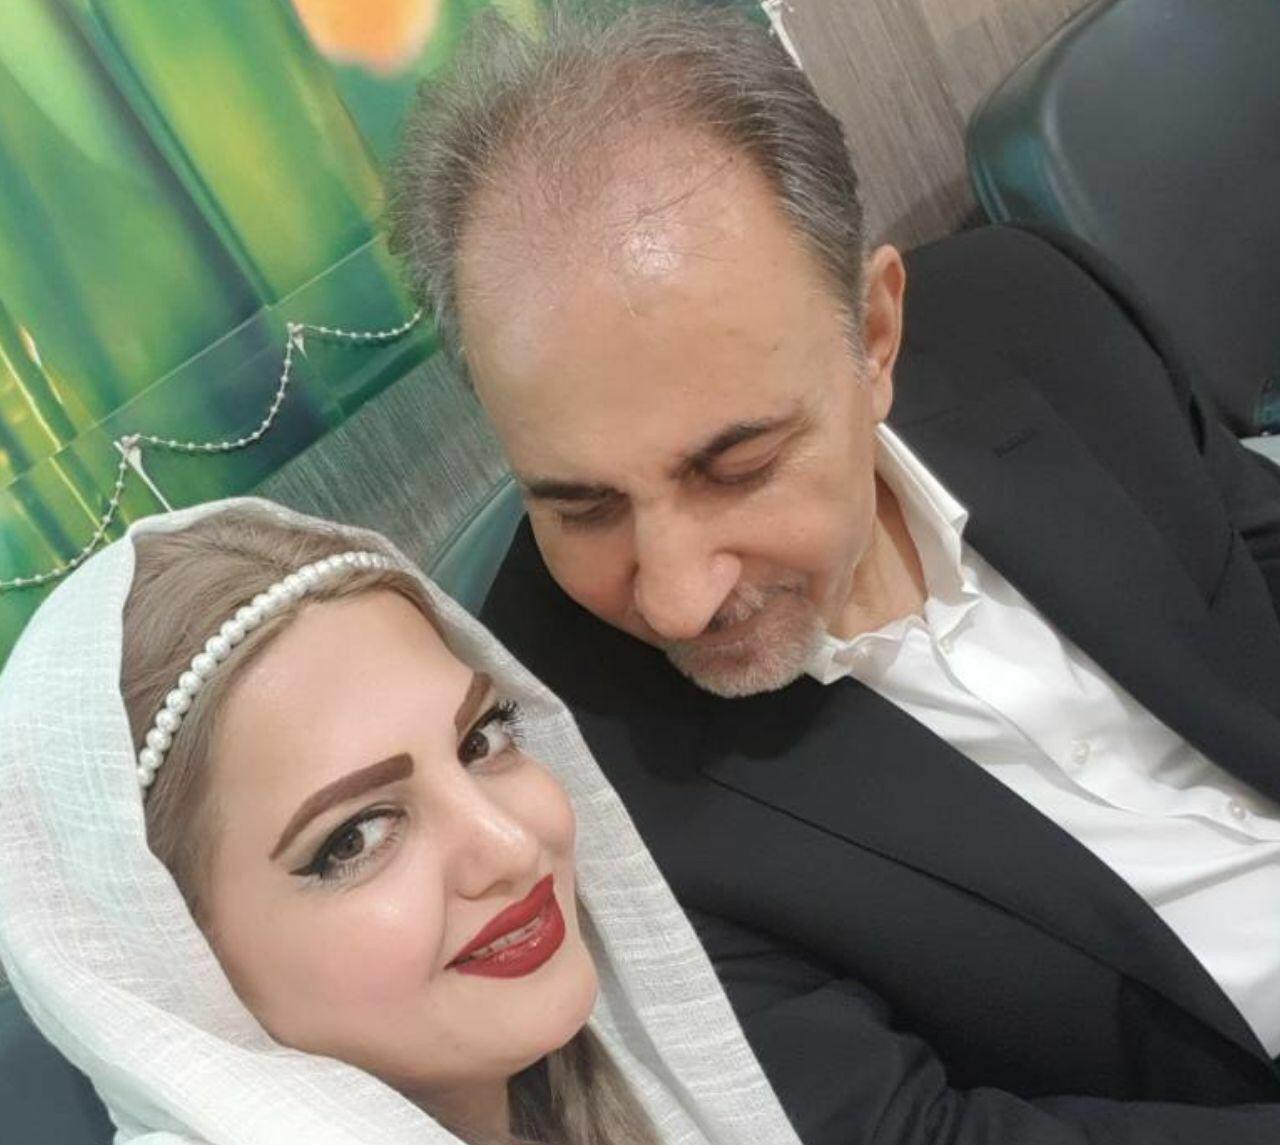 همسر دوم نجفی - میترا نجفی - زن دوم نجفی - شهردار سابق تهران